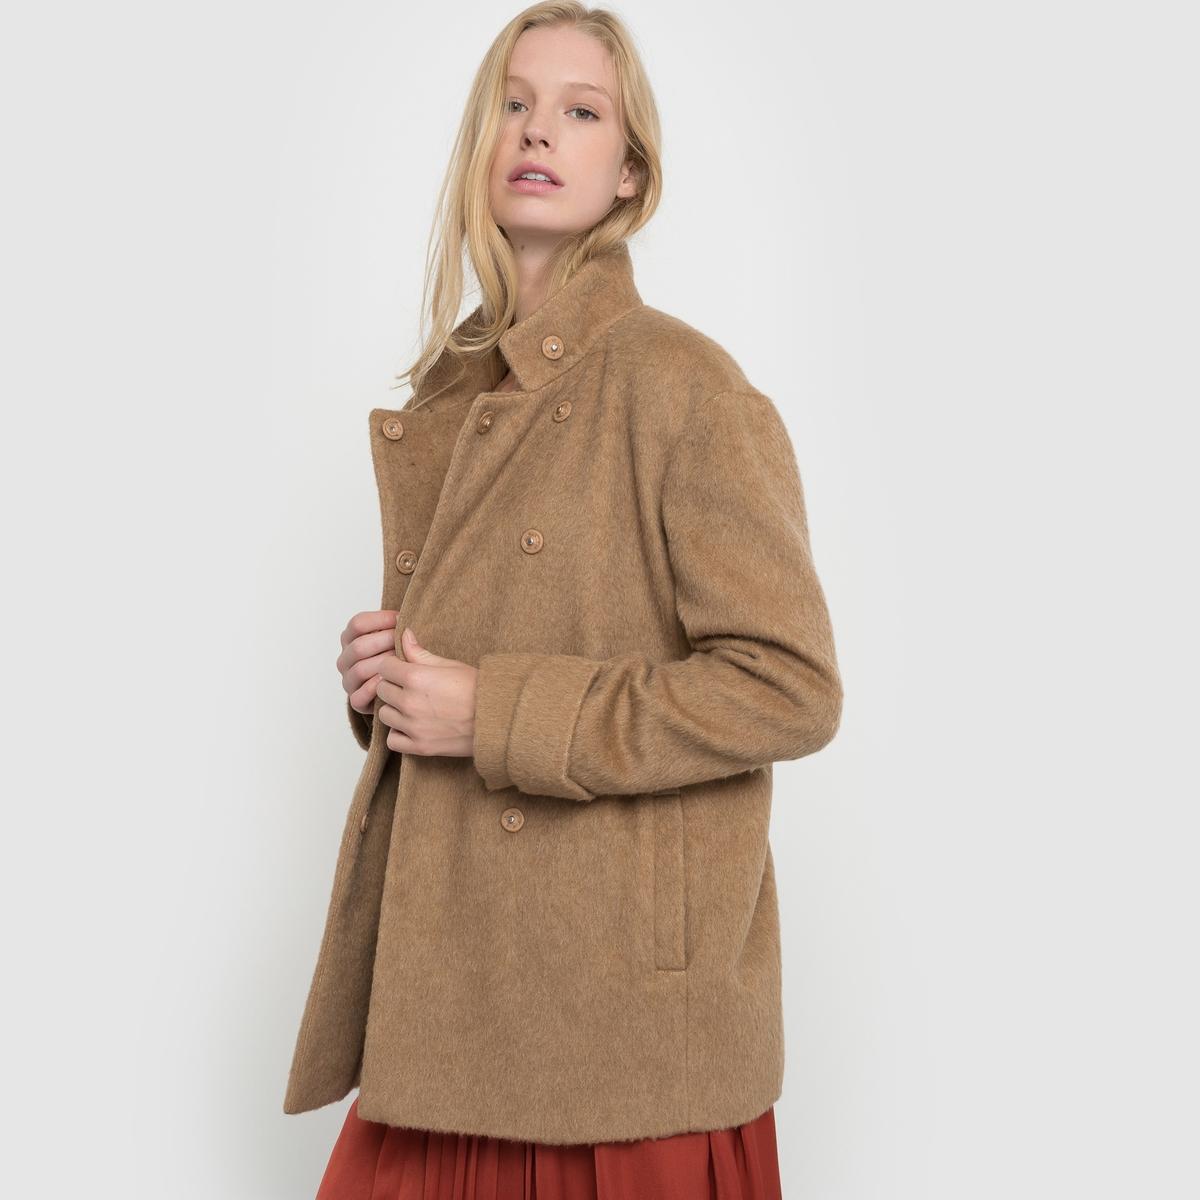 Пальто короткое с воротником-стойкойКороткое пальто прямого покроя. Высокий воротник. Двойная застёжка на кнопки. Паты на манжетах. Карманы по бокам. Хлястик сзади.Состав и описаниеМатериал: 35% полиэстера, 30% шерсти, 18% вискозы, 9% хлопка, 8% шерсти мериноса.                        Подкладка: 100% полиэстер.Длина:  70 см.Марка         atelier RУход- Сухая (химическая) чистка.- Не отбеливать.- Гладить при низкой температуре.- Машинная сушка запрещена.<br><br>Цвет: бордовый,темно-бежевый<br>Размер: 52 (FR) - 58 (RUS).48 (FR) - 54 (RUS).40 (FR) - 46 (RUS)